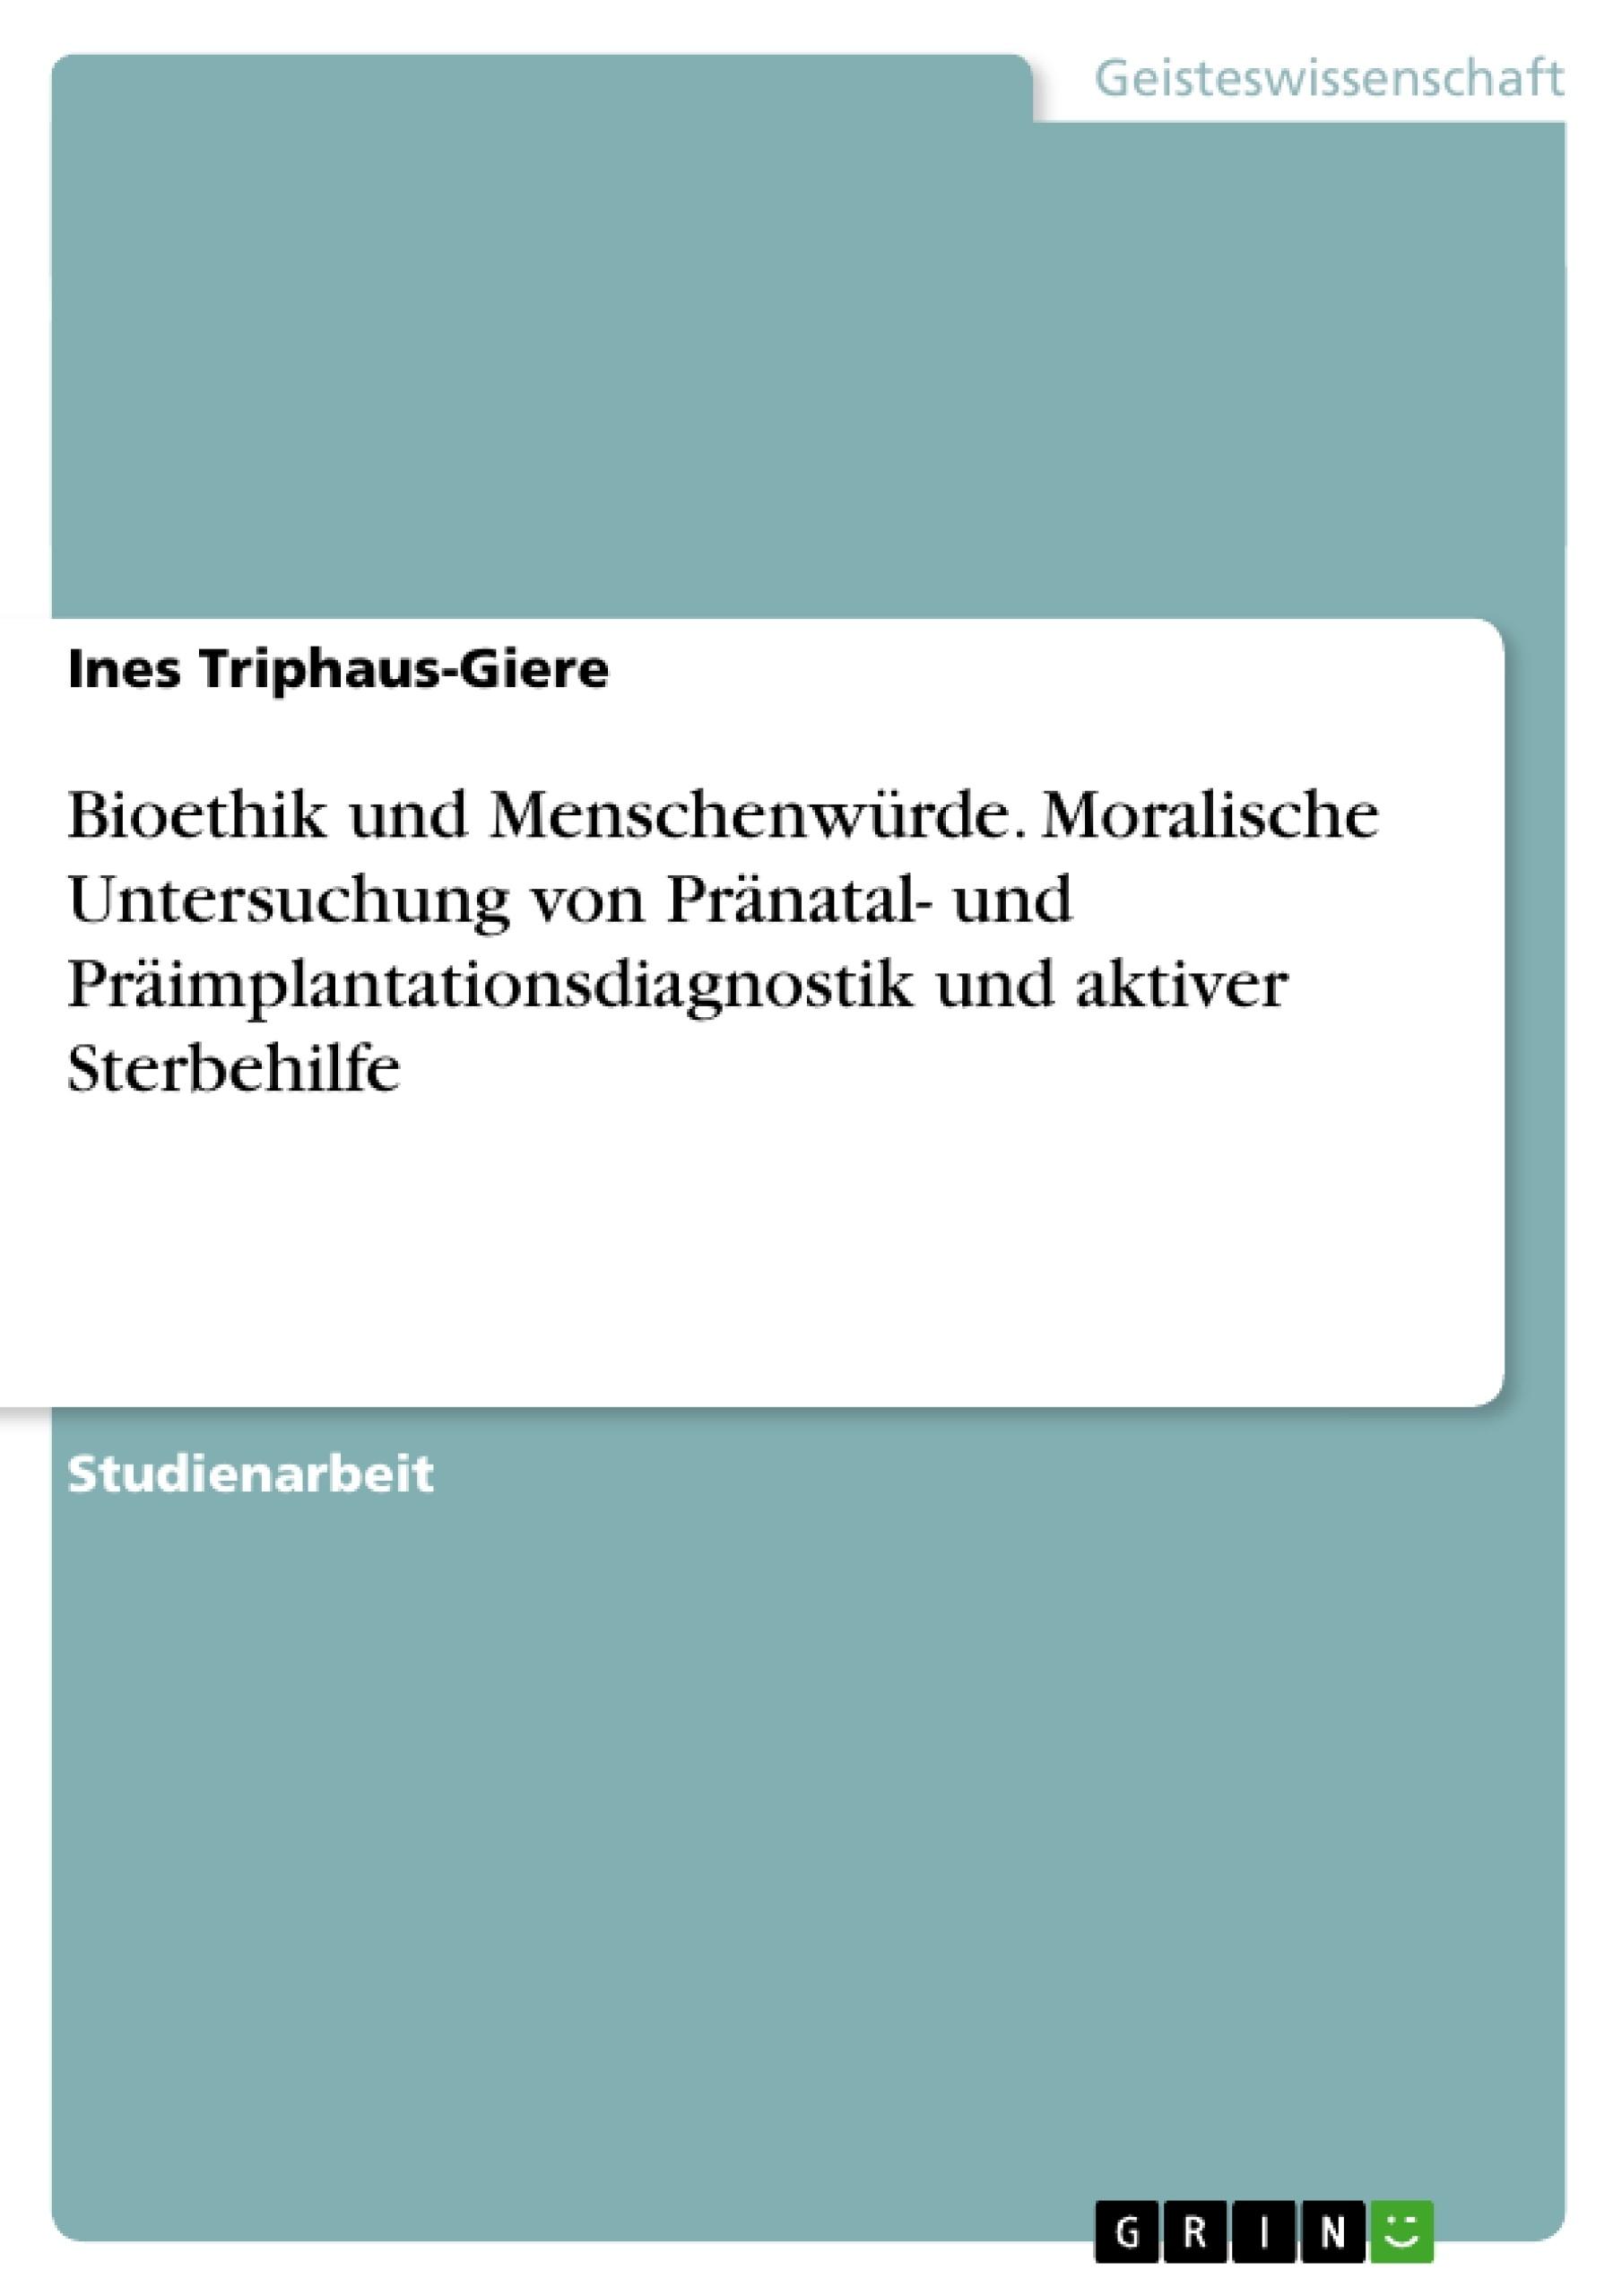 Titel: Bioethik und Menschenwürde. Moralische Untersuchung von Pränatal- und Präimplantationsdiagnostik und aktiver Sterbehilfe